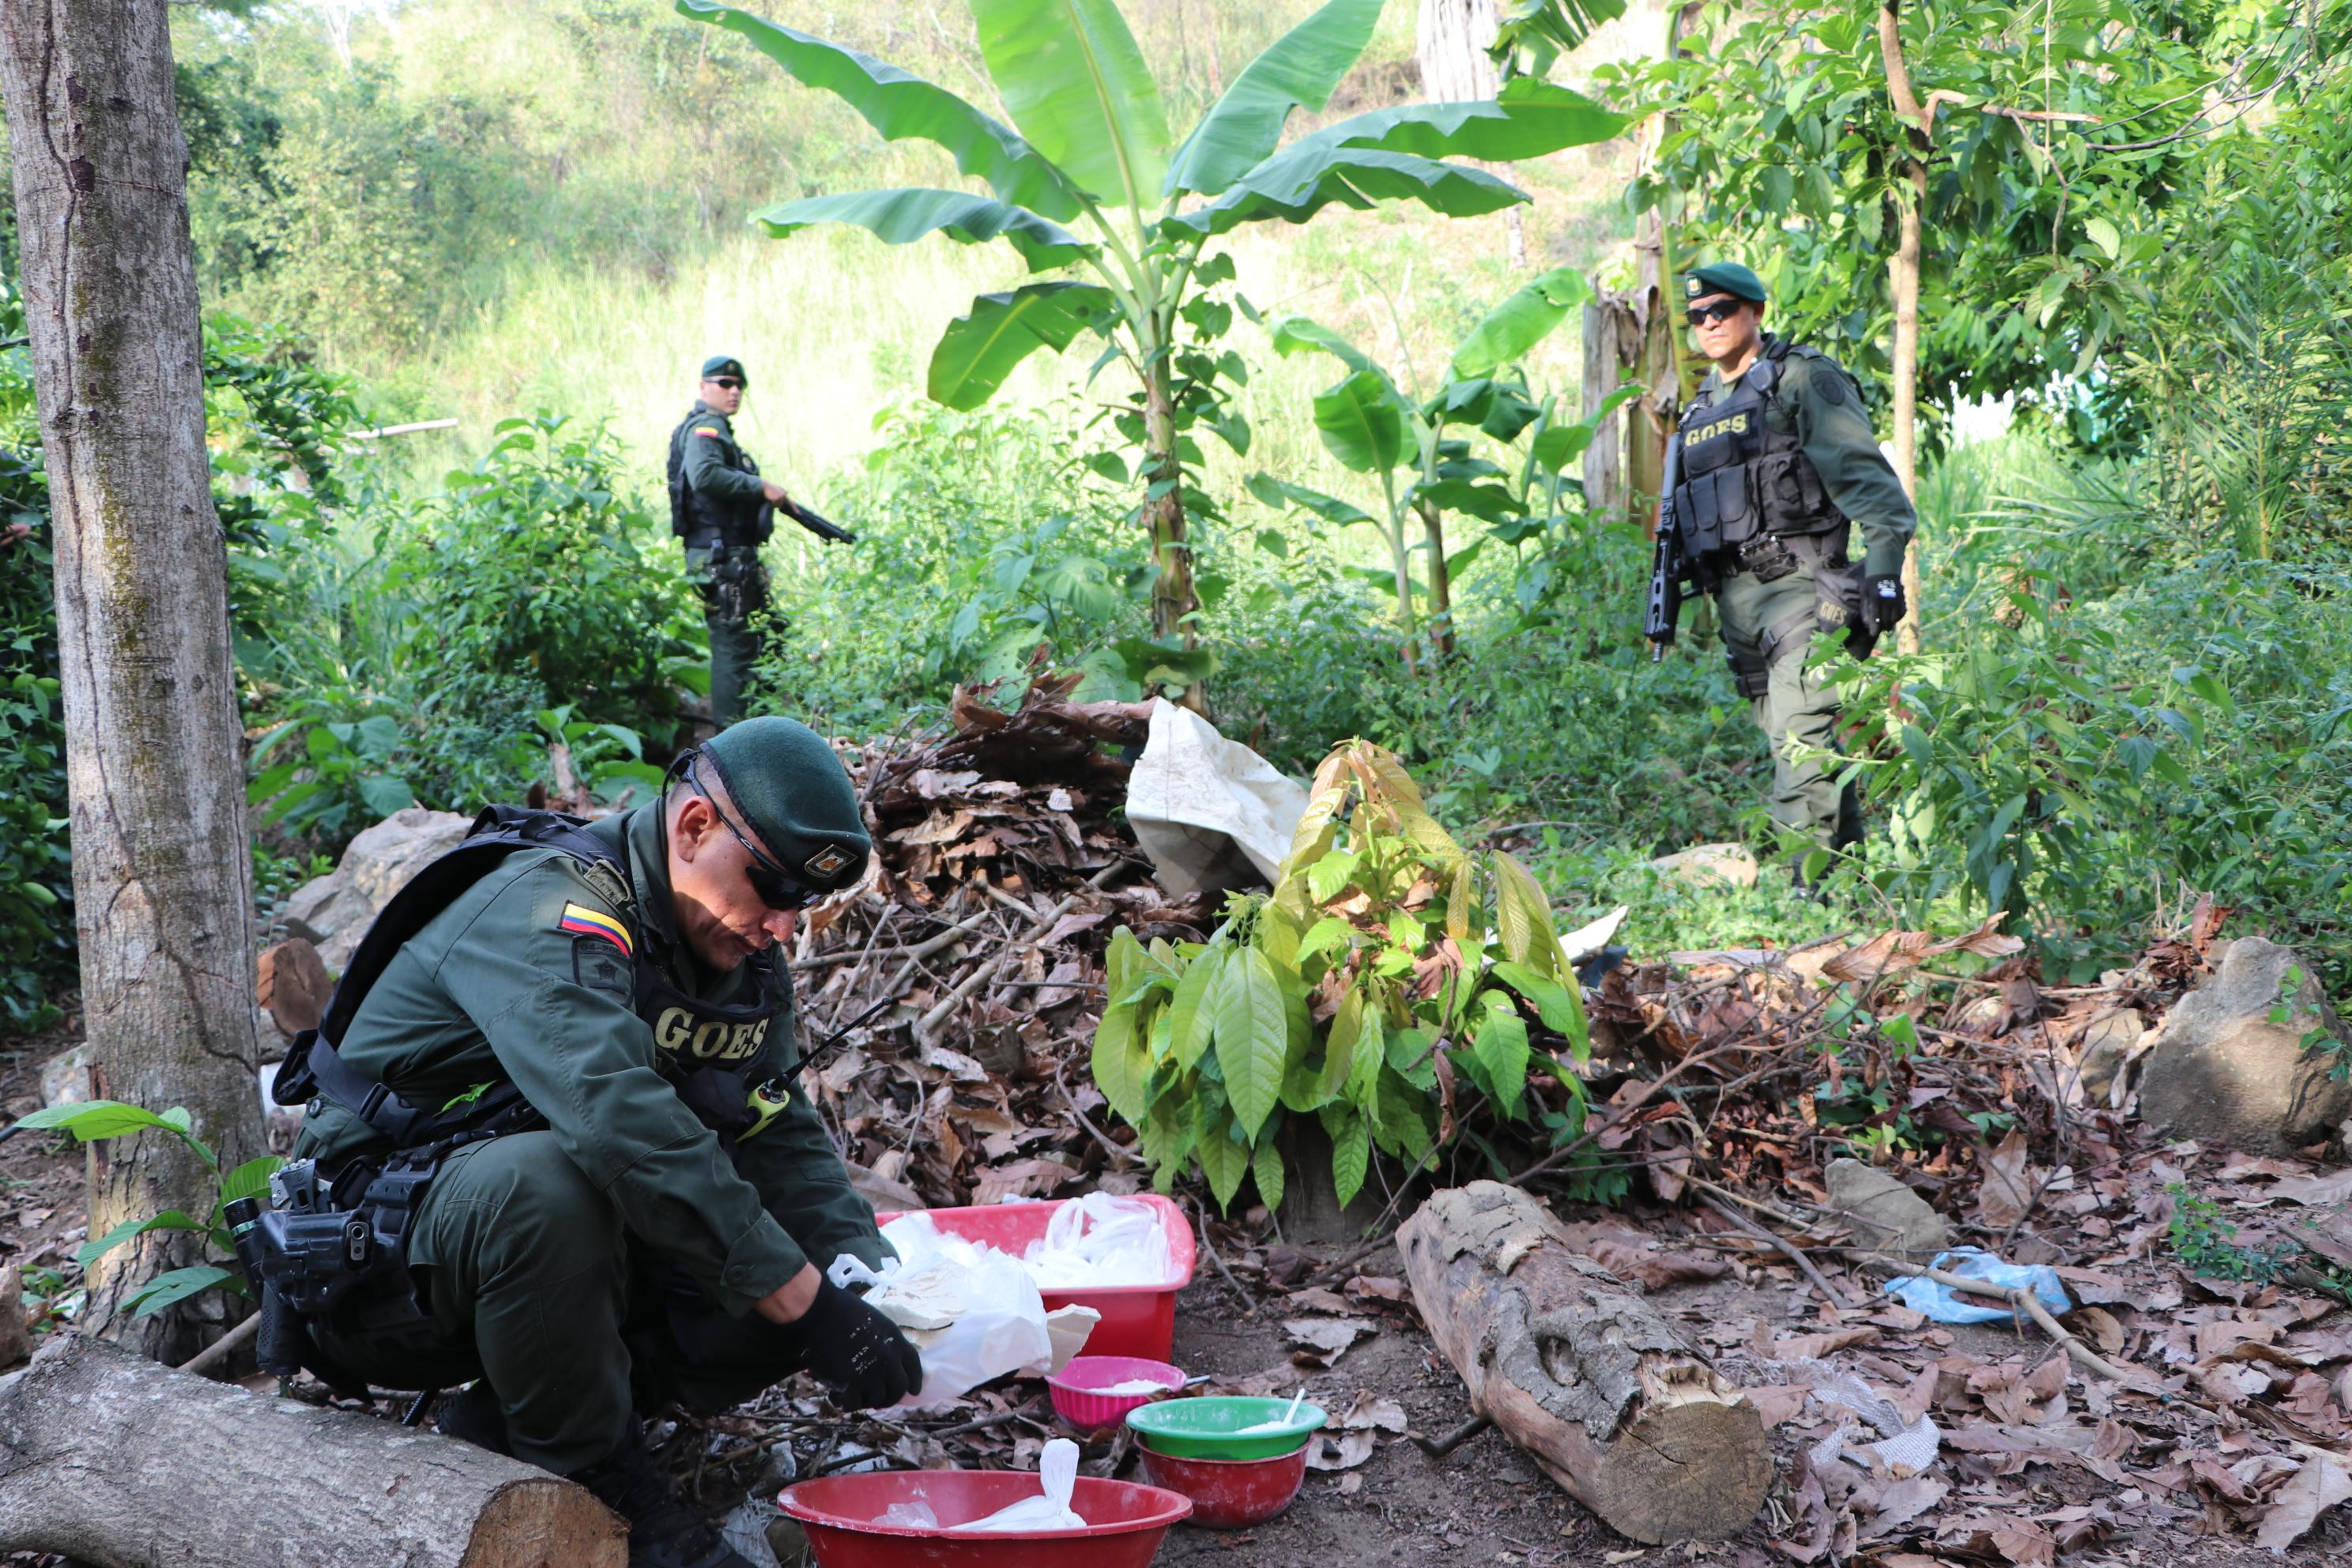 Fuerte golpe al microtráfico al Norte de Bucaramanga | Justicia | EL FRENTE